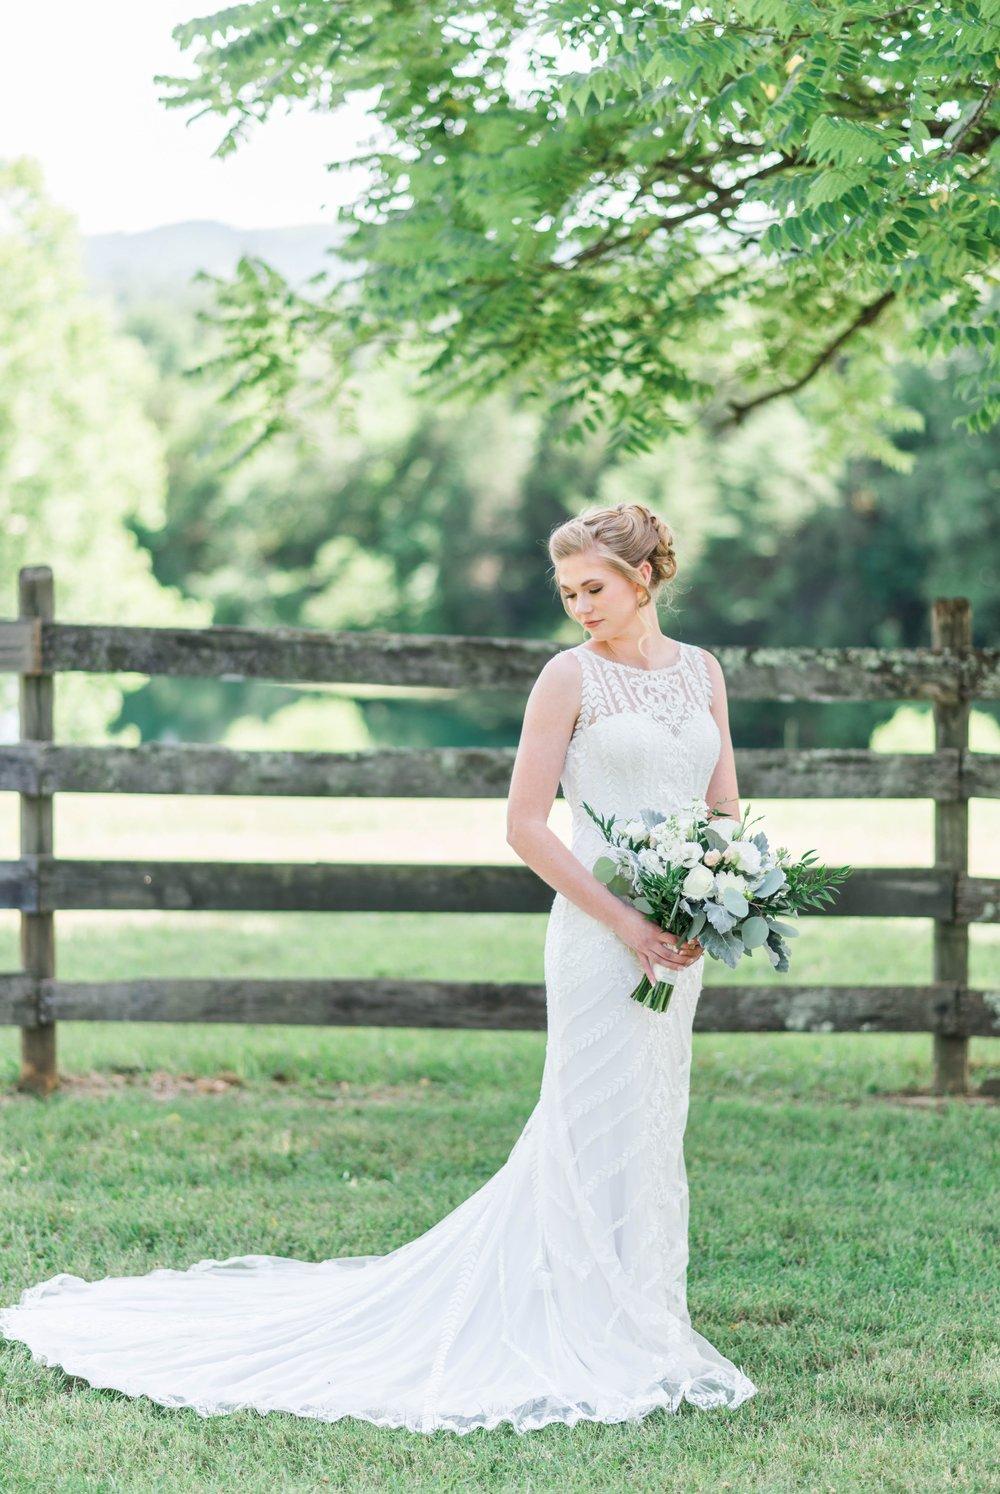 SorellaFarms_VirginiaWeddingPhotographer_BarnWedding_Lynchburgweddingphotographer_DanielleTyler 39.jpg